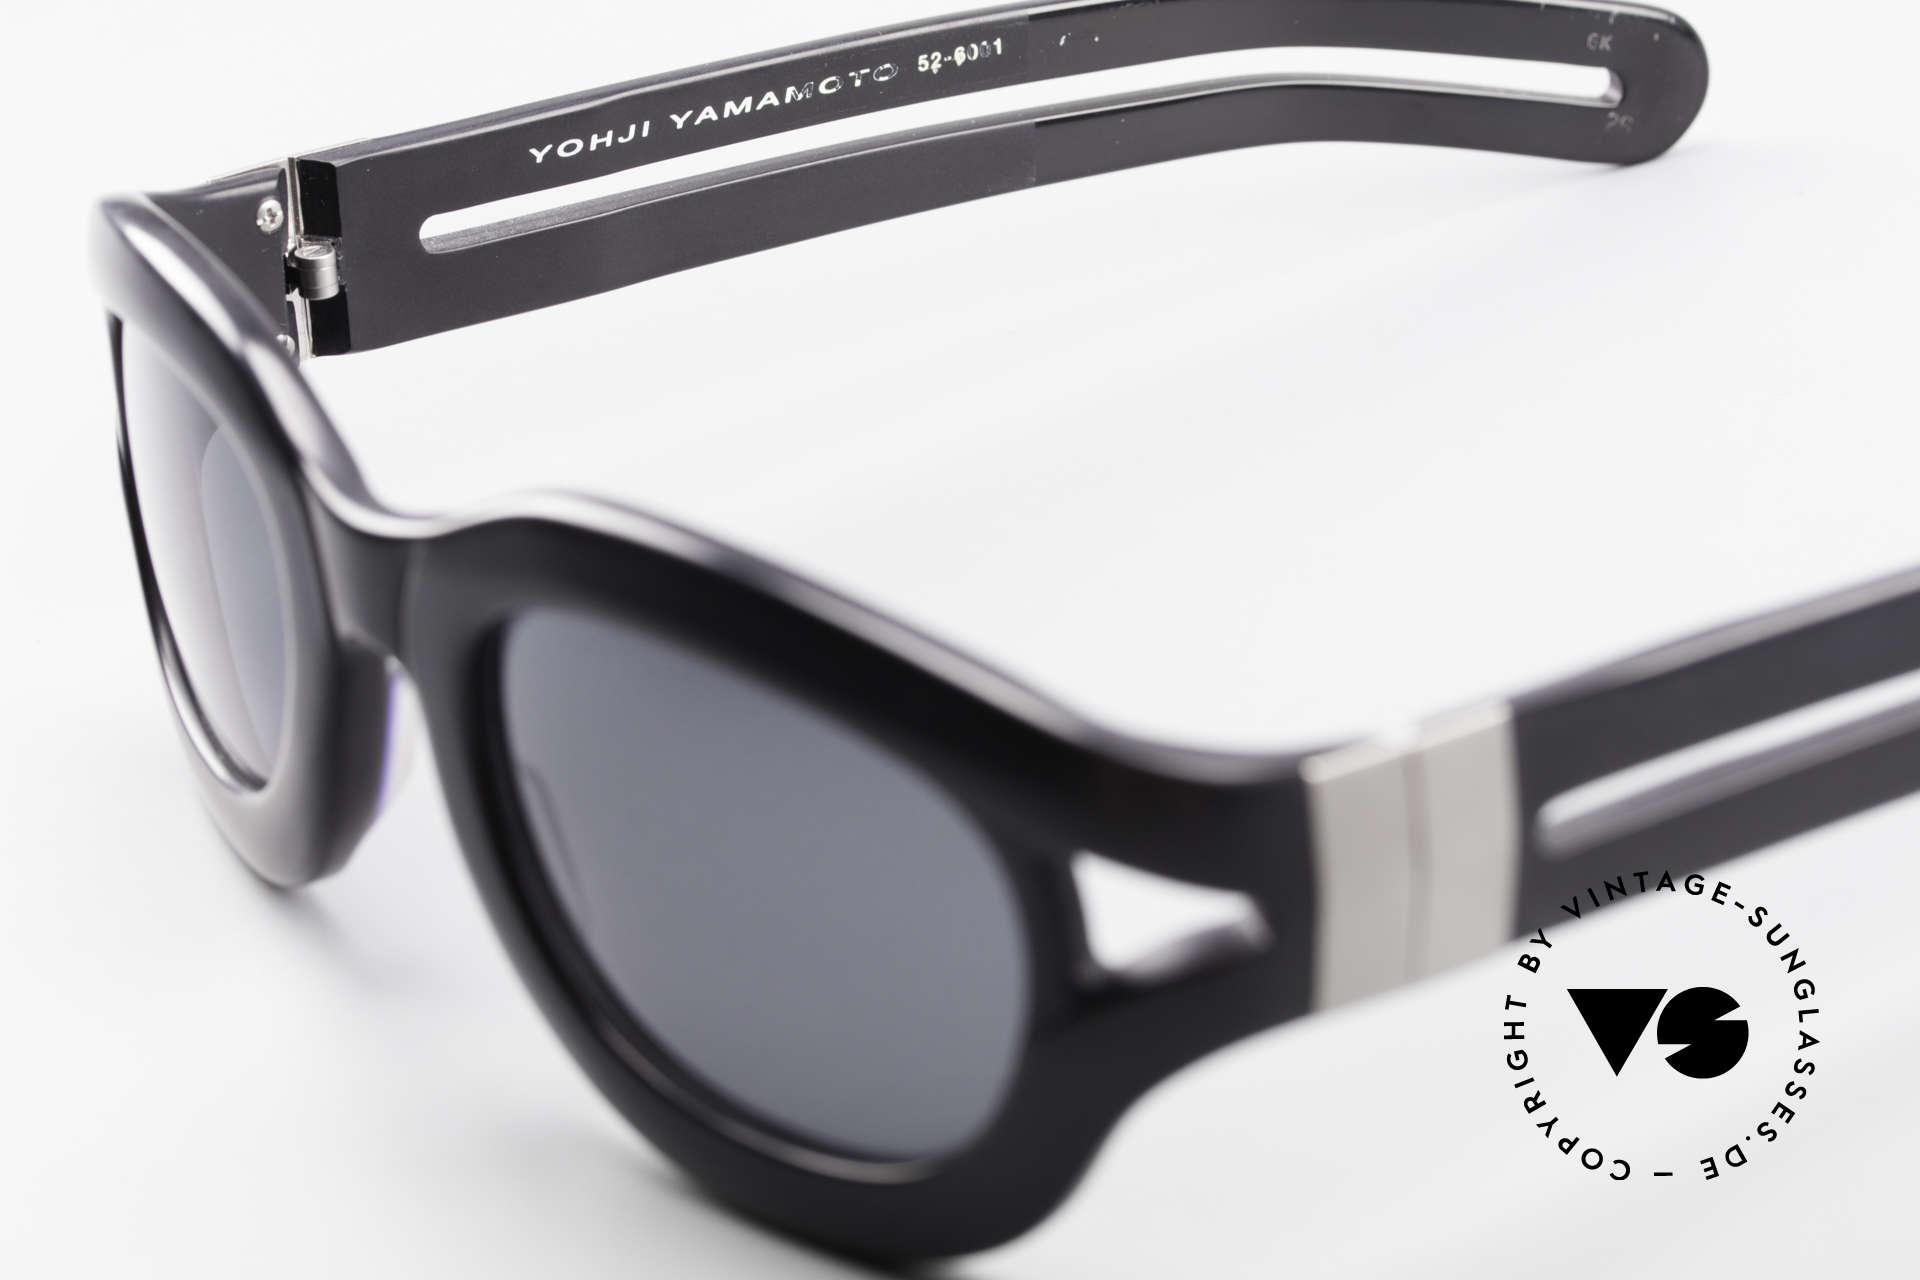 Yohji Yamamoto 52-6001 YY 90er Designer Sonnenbrille, Größe: large, Passend für Herren und Damen